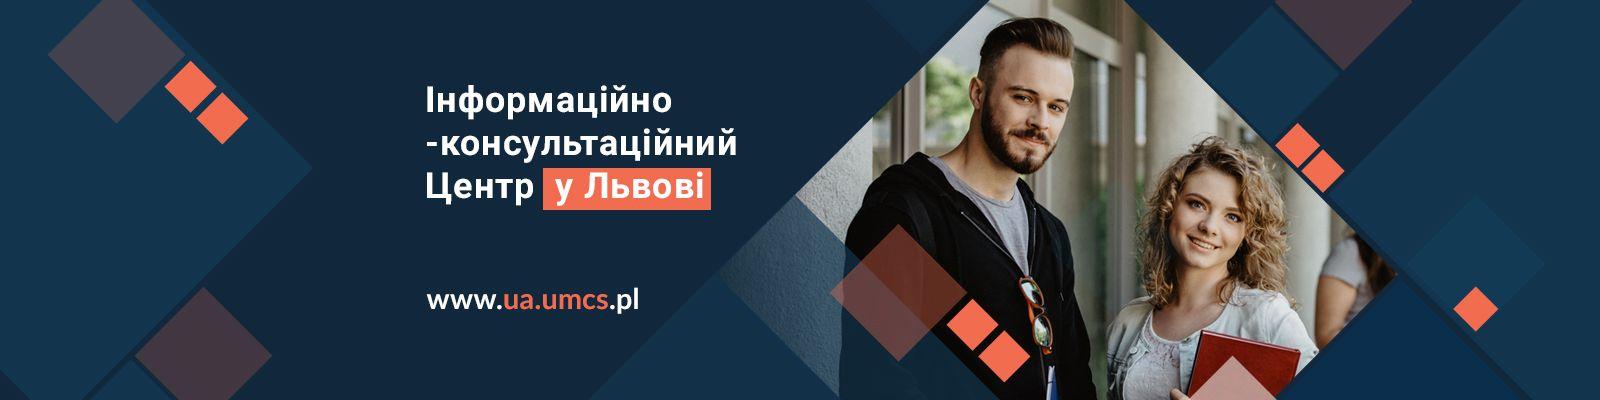 Інформаційний центр у Львові!